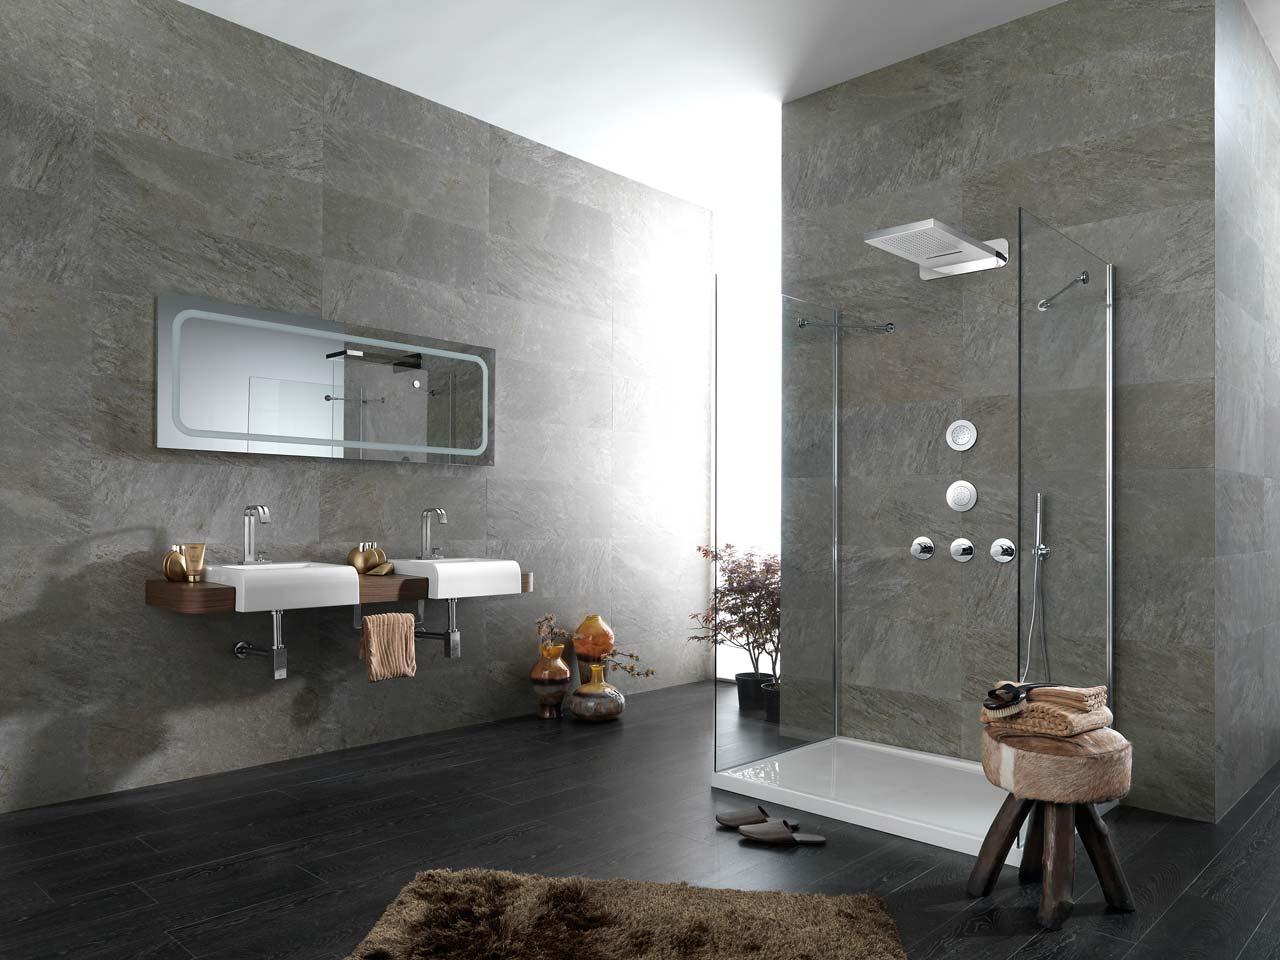 Reforma Baño A Ducha:Reformas de baños